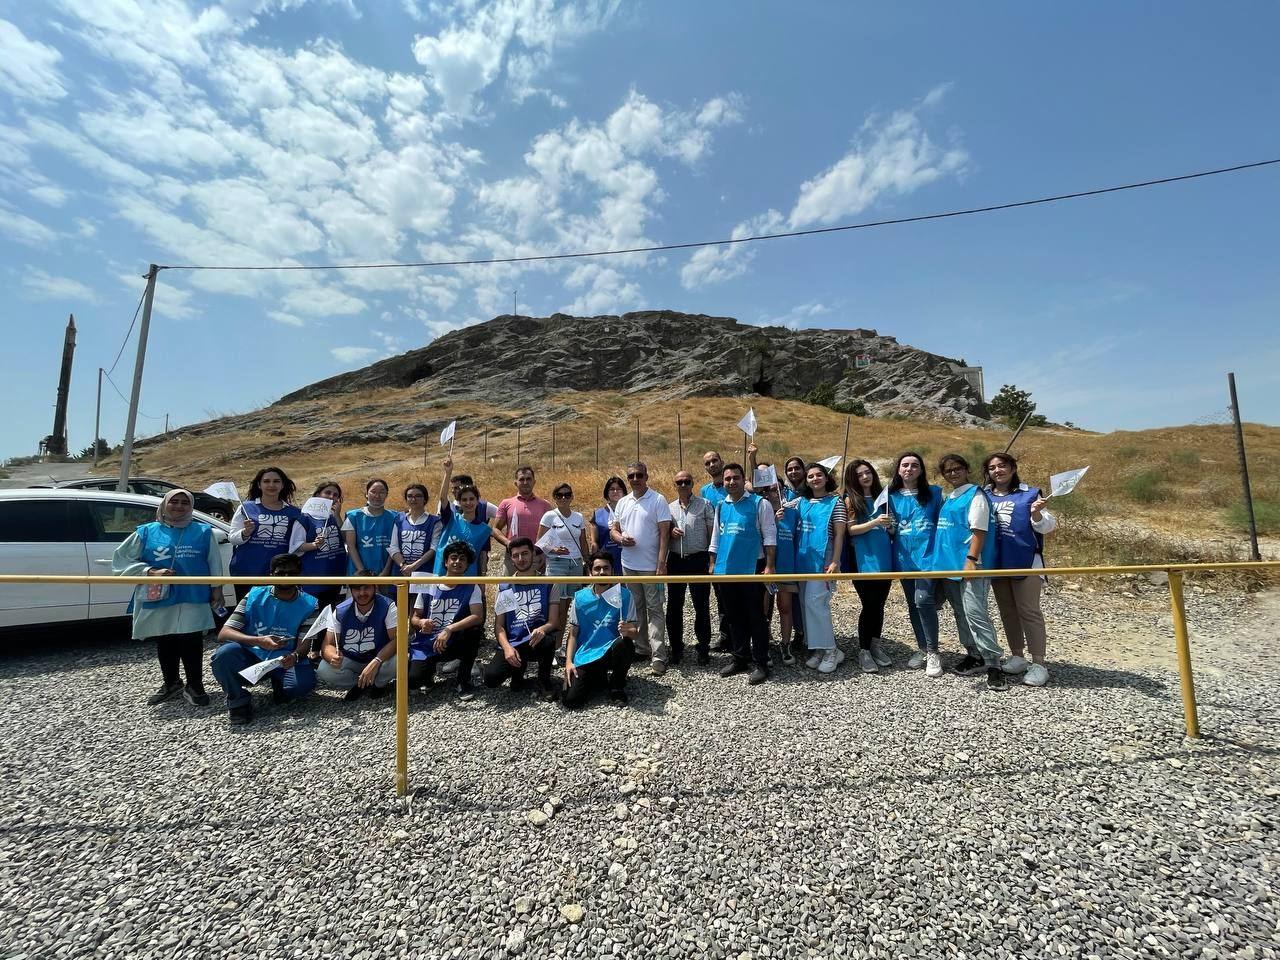 Награбленное Разиным богатство спрятано в Баку? Таинственная история горы Кюхлю и экологический туризм (ФОТО) - Gallery Image